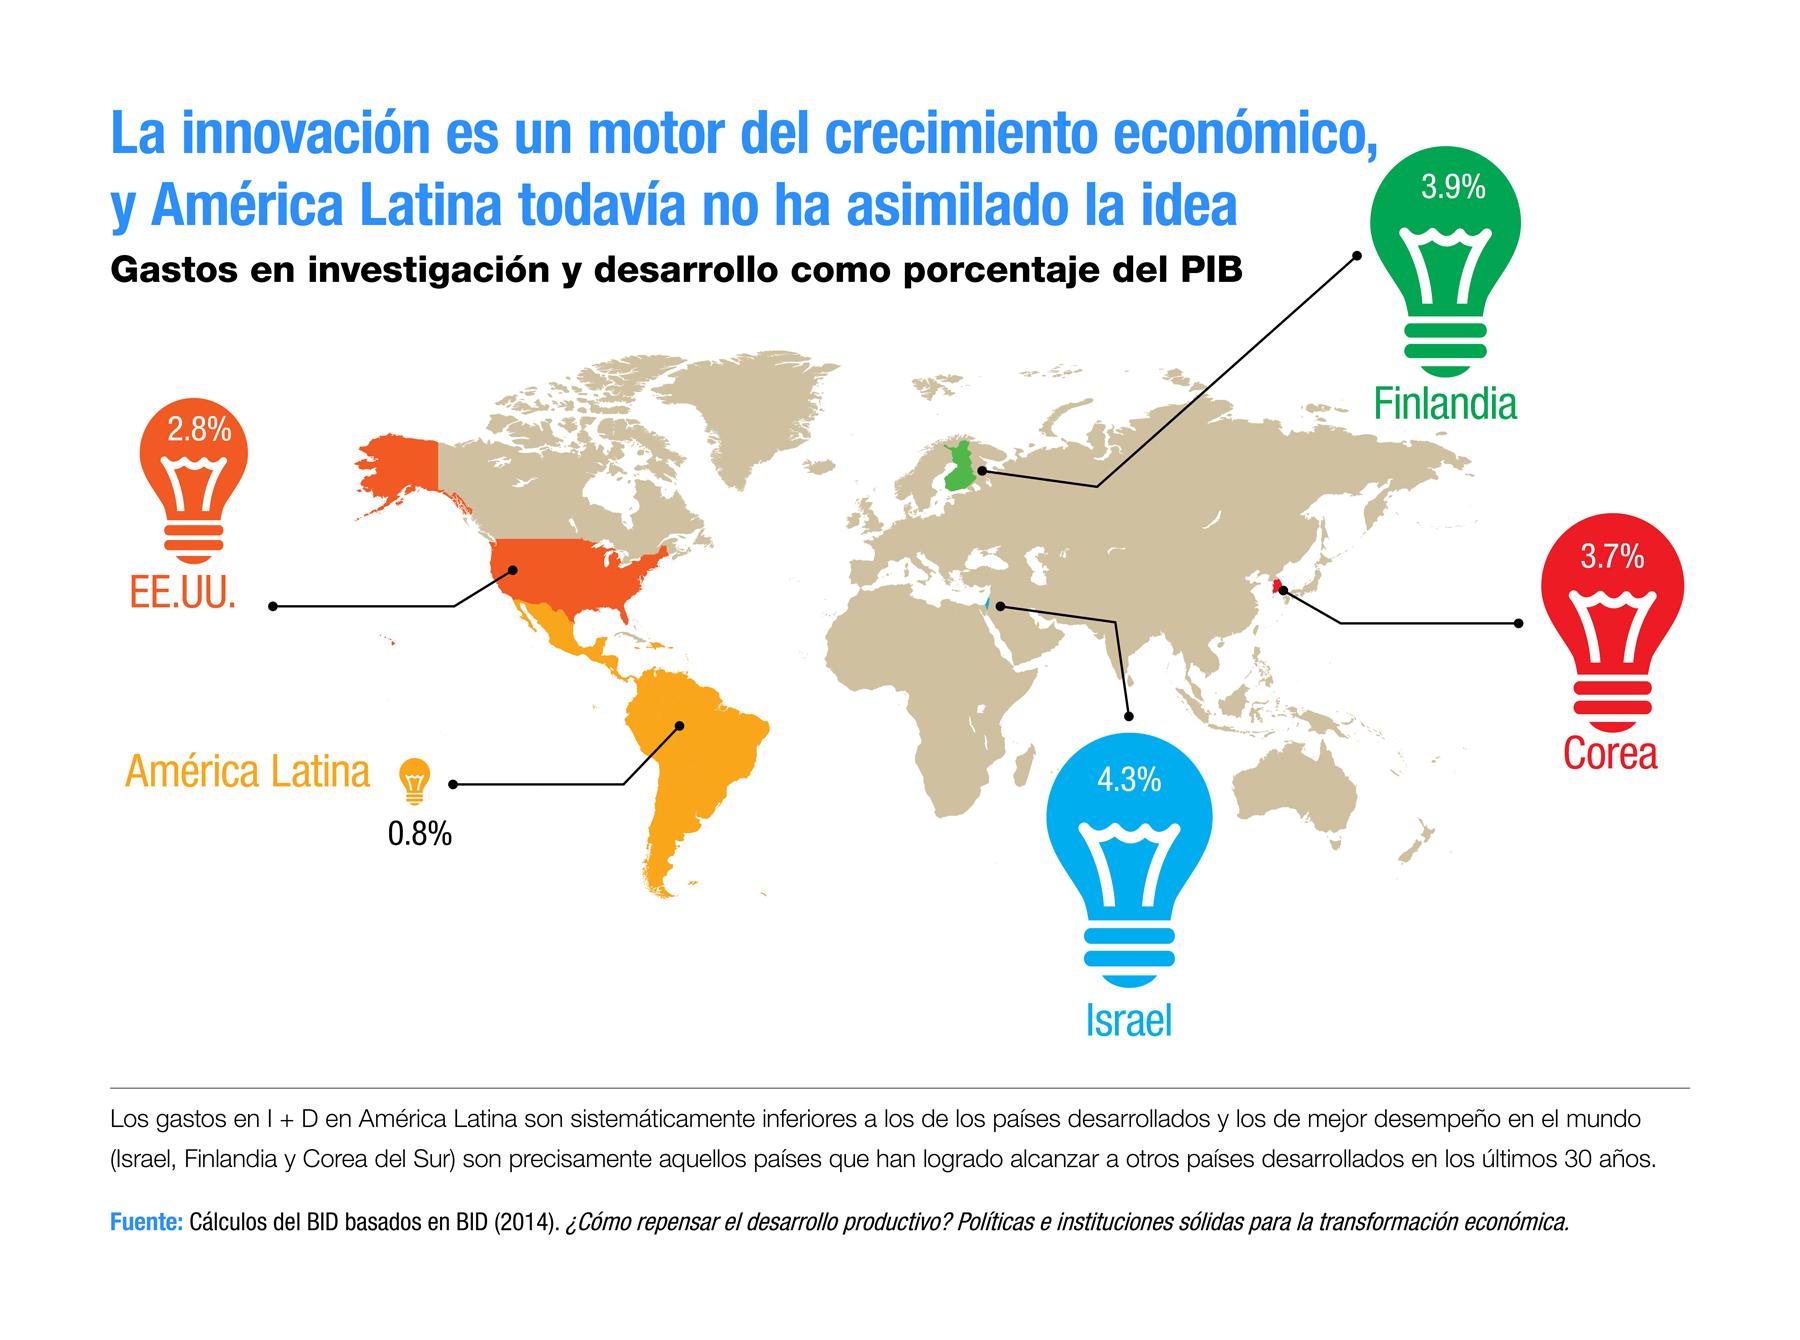 infographic_dia2_es